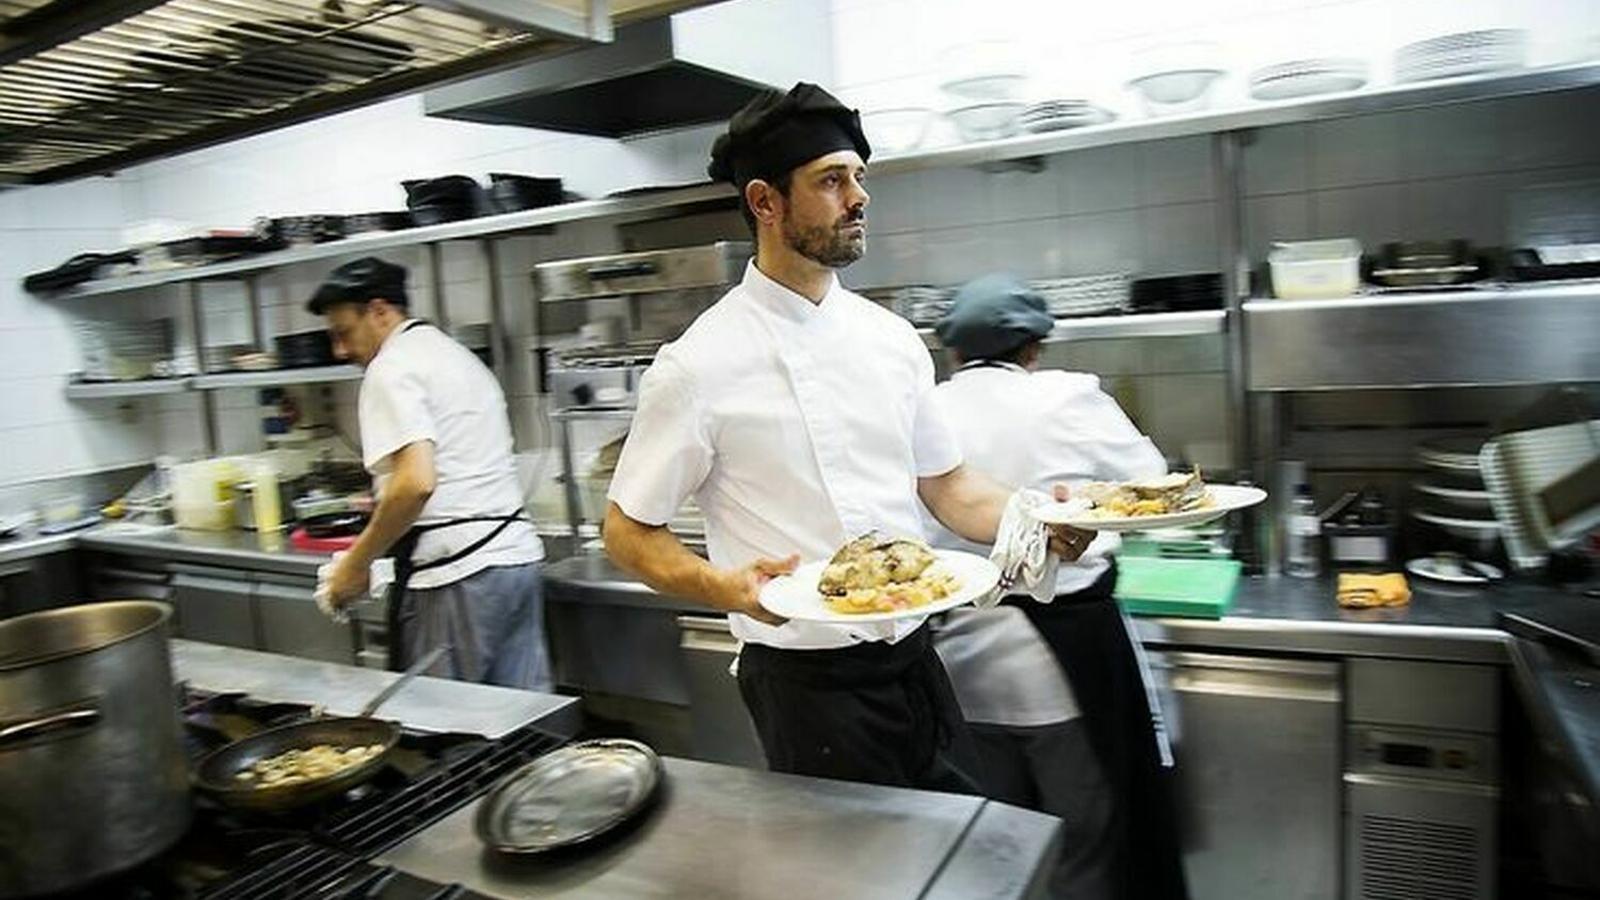 El treball a la cuina implica càrregues de treball importants